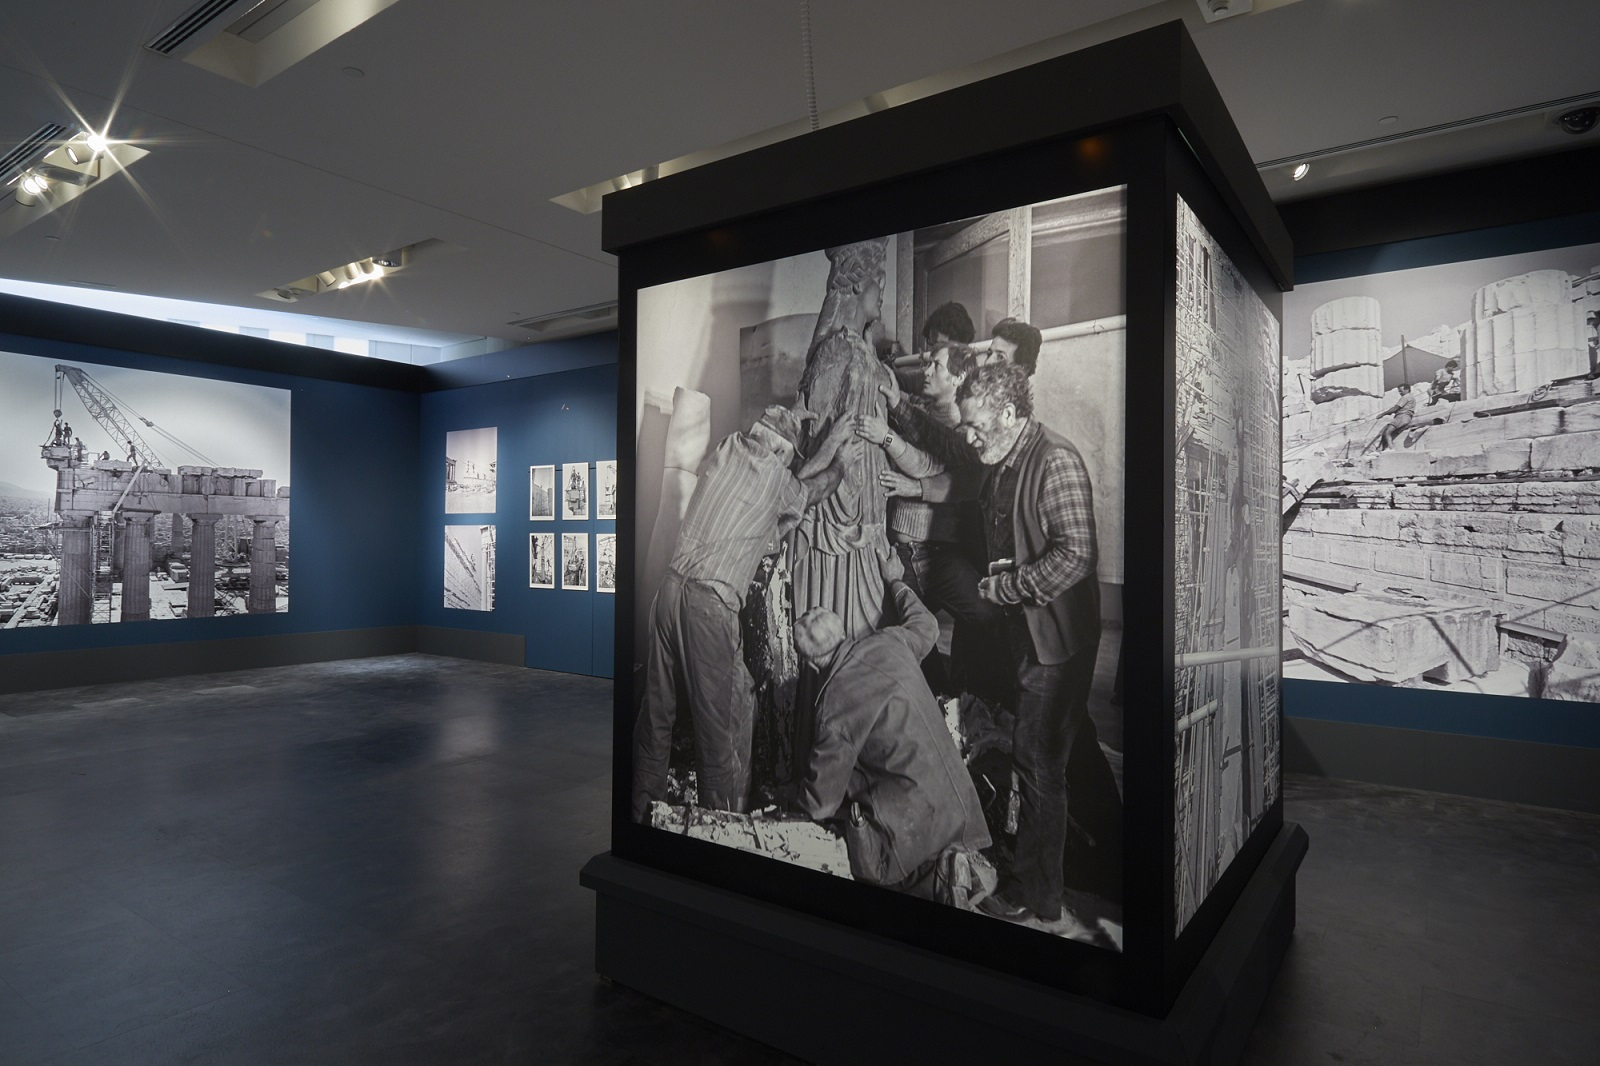 """Έκθεση φωτογραφίας """"ΣΜΙΛΗ ΚΑΙ ΜΝΗΜΗ. Η συμβολή της μαρμαροτεχνίας στην αναστήλωση των μνημείων της Ακρόπολης"""" © Μουσείο Ακρόπολης. Φωτογραφία: Γιώργος Βιτσαρόπουλος"""